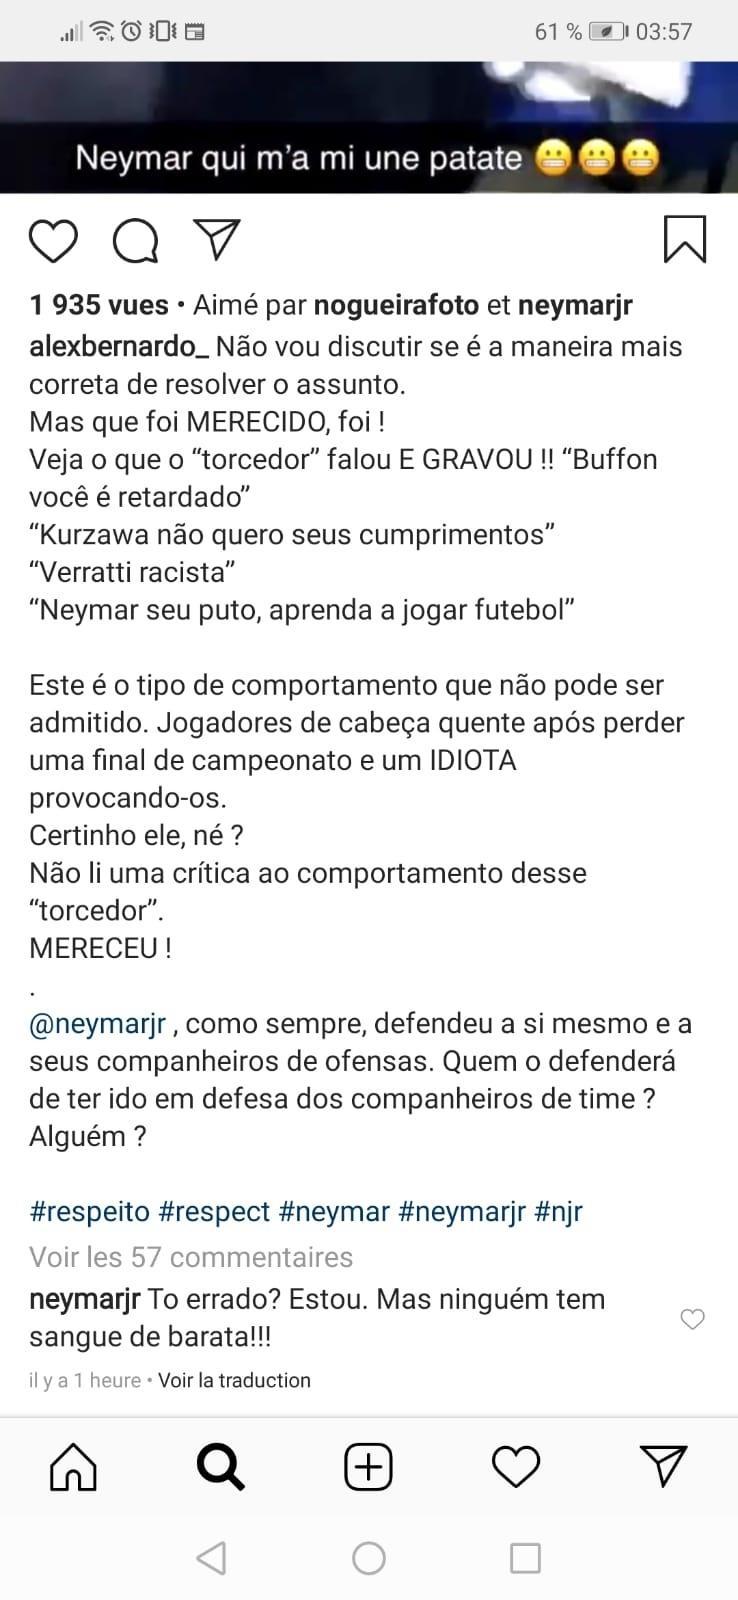 Neymar se defende após agressão a torcedor